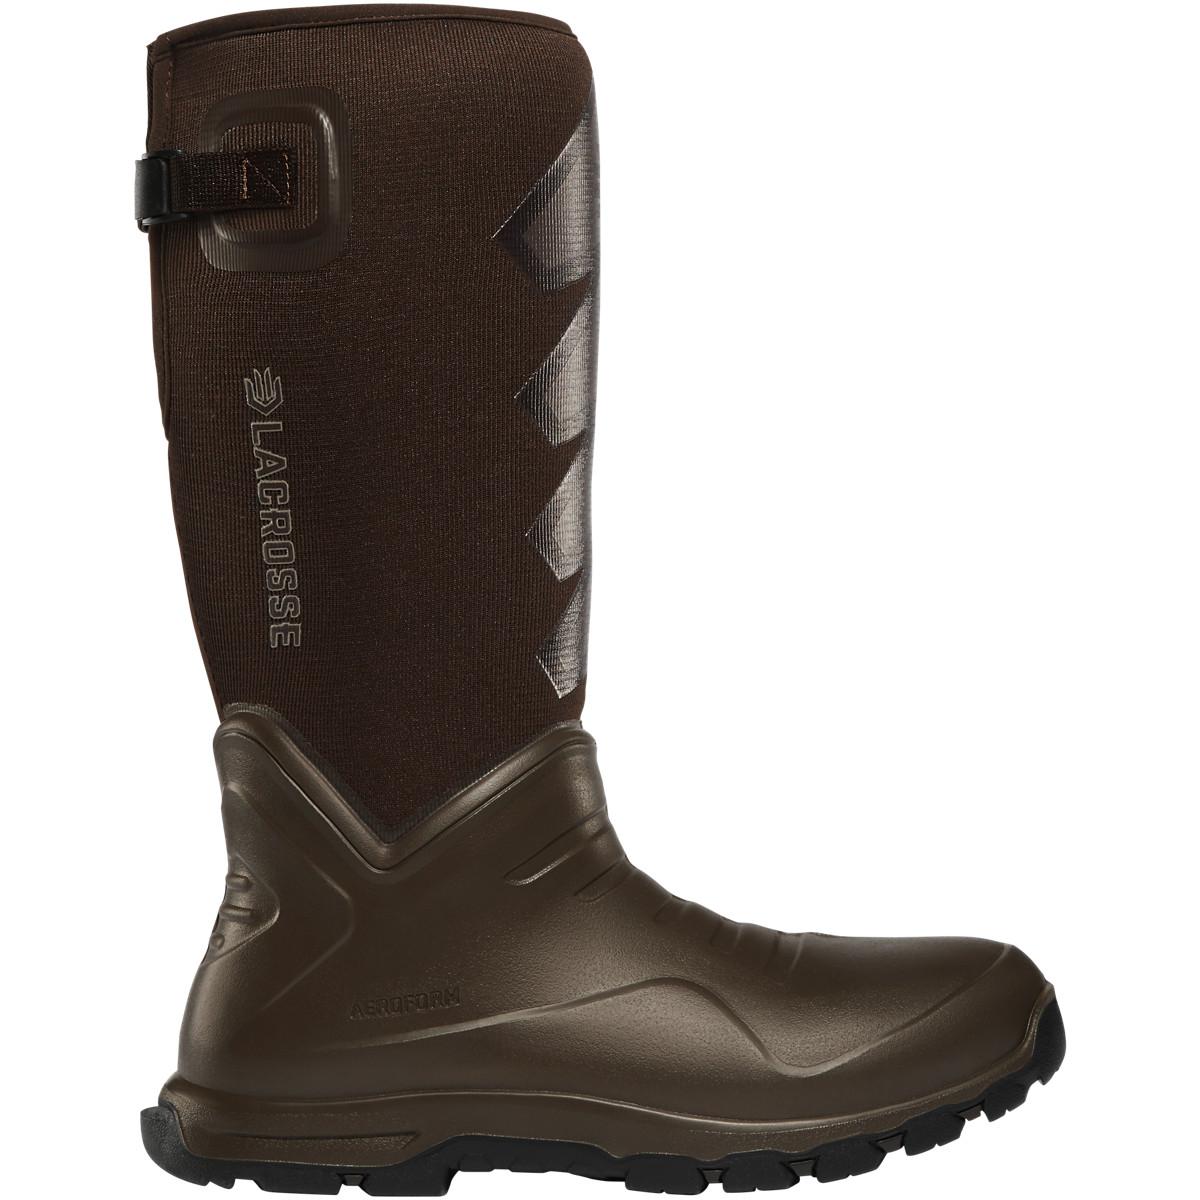 794850d327e LaCrosse Footwear - AeroHead Sport Brown 7mm